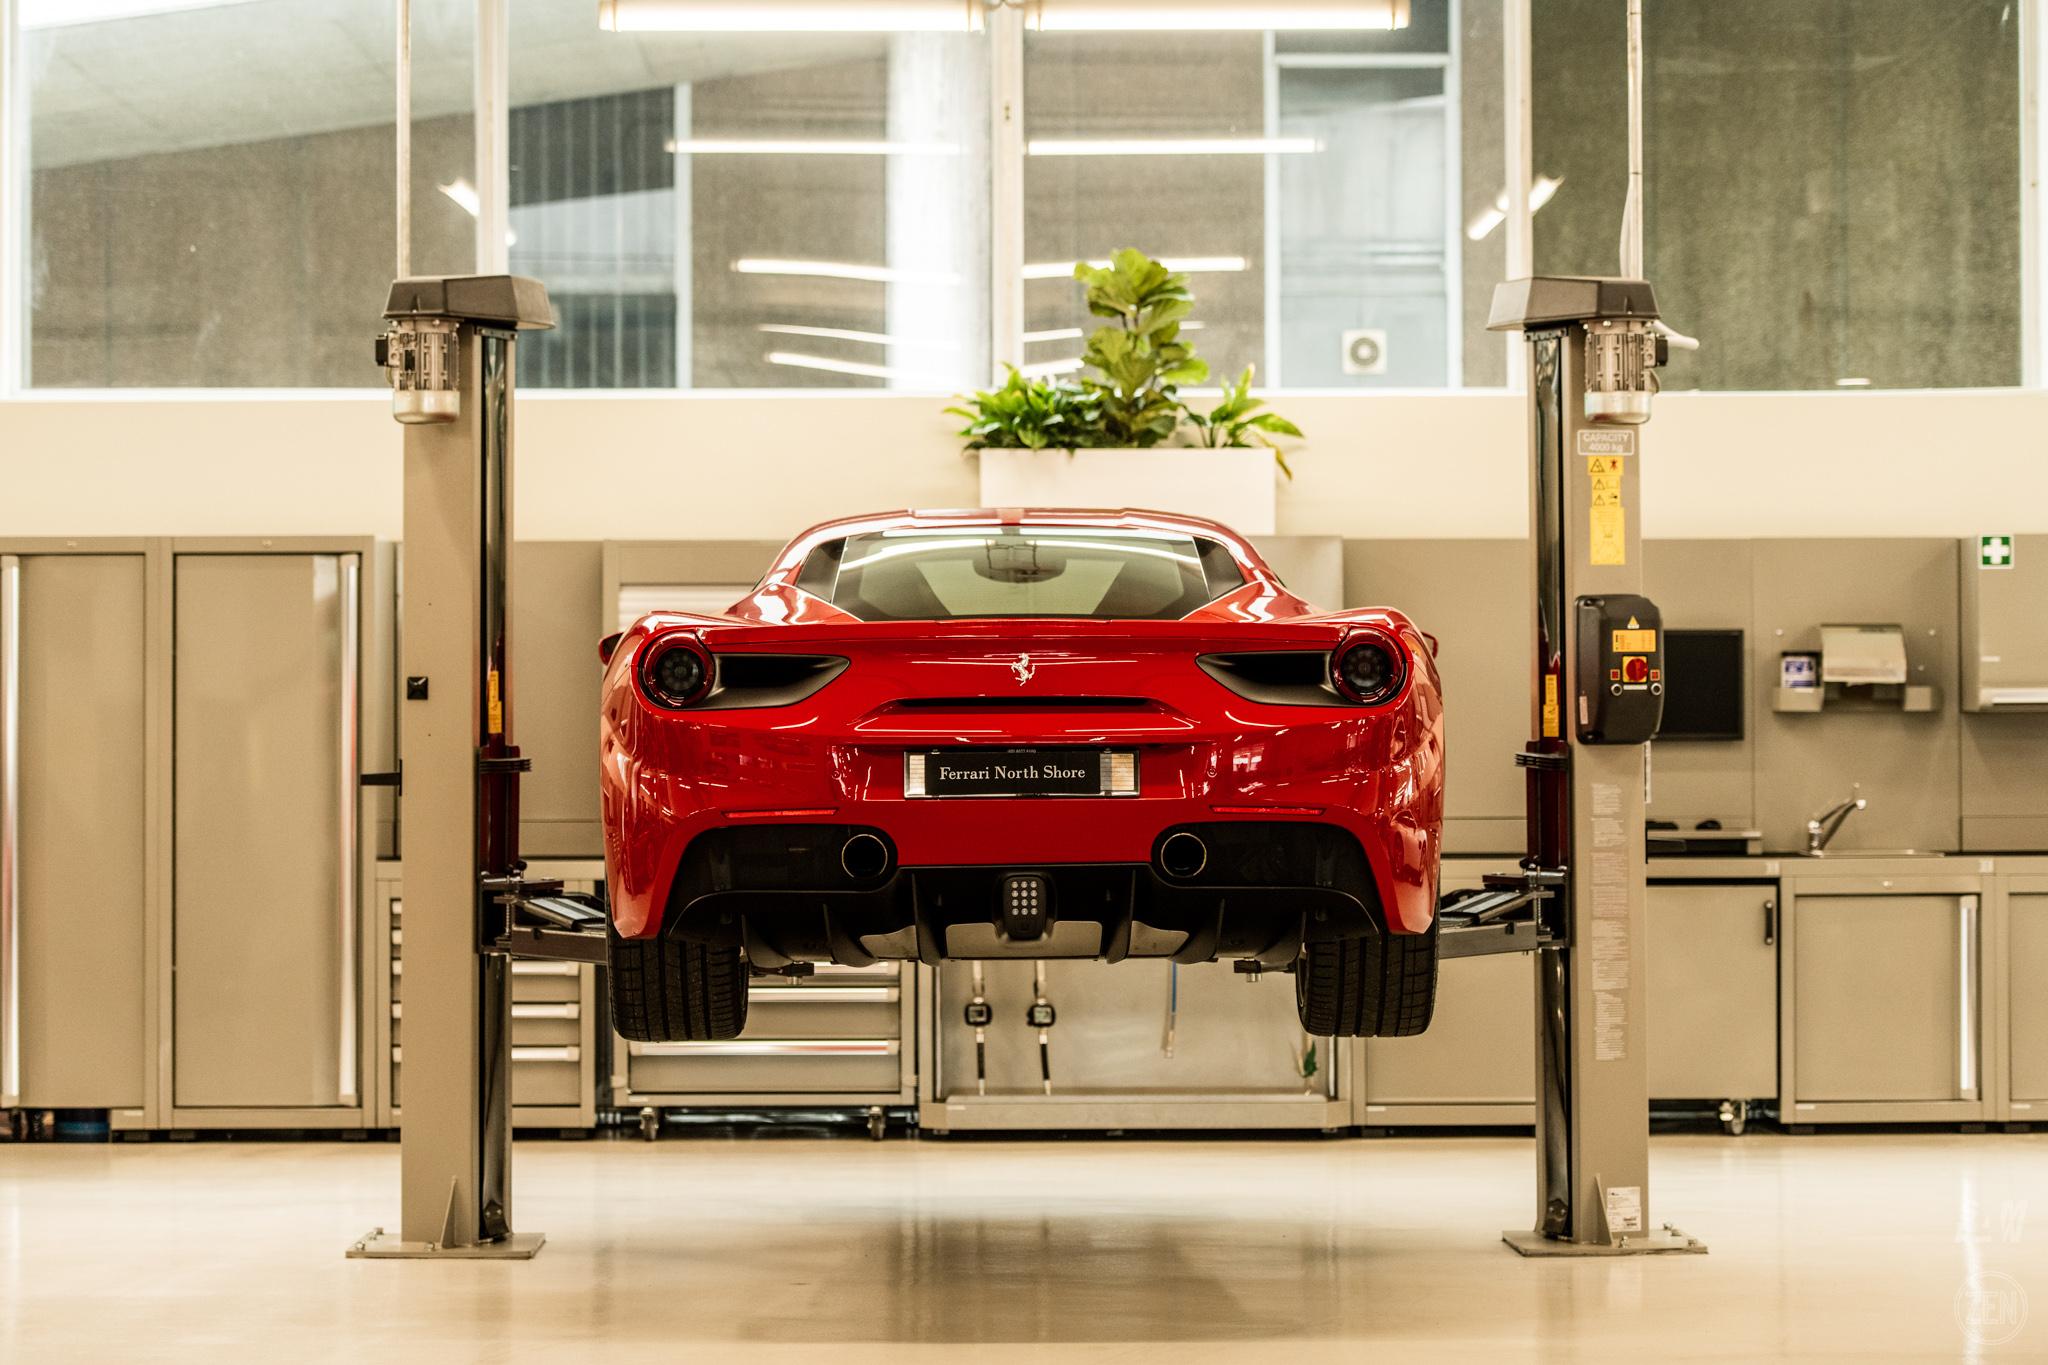 2019-09-21 - Ferrari Concorso 032